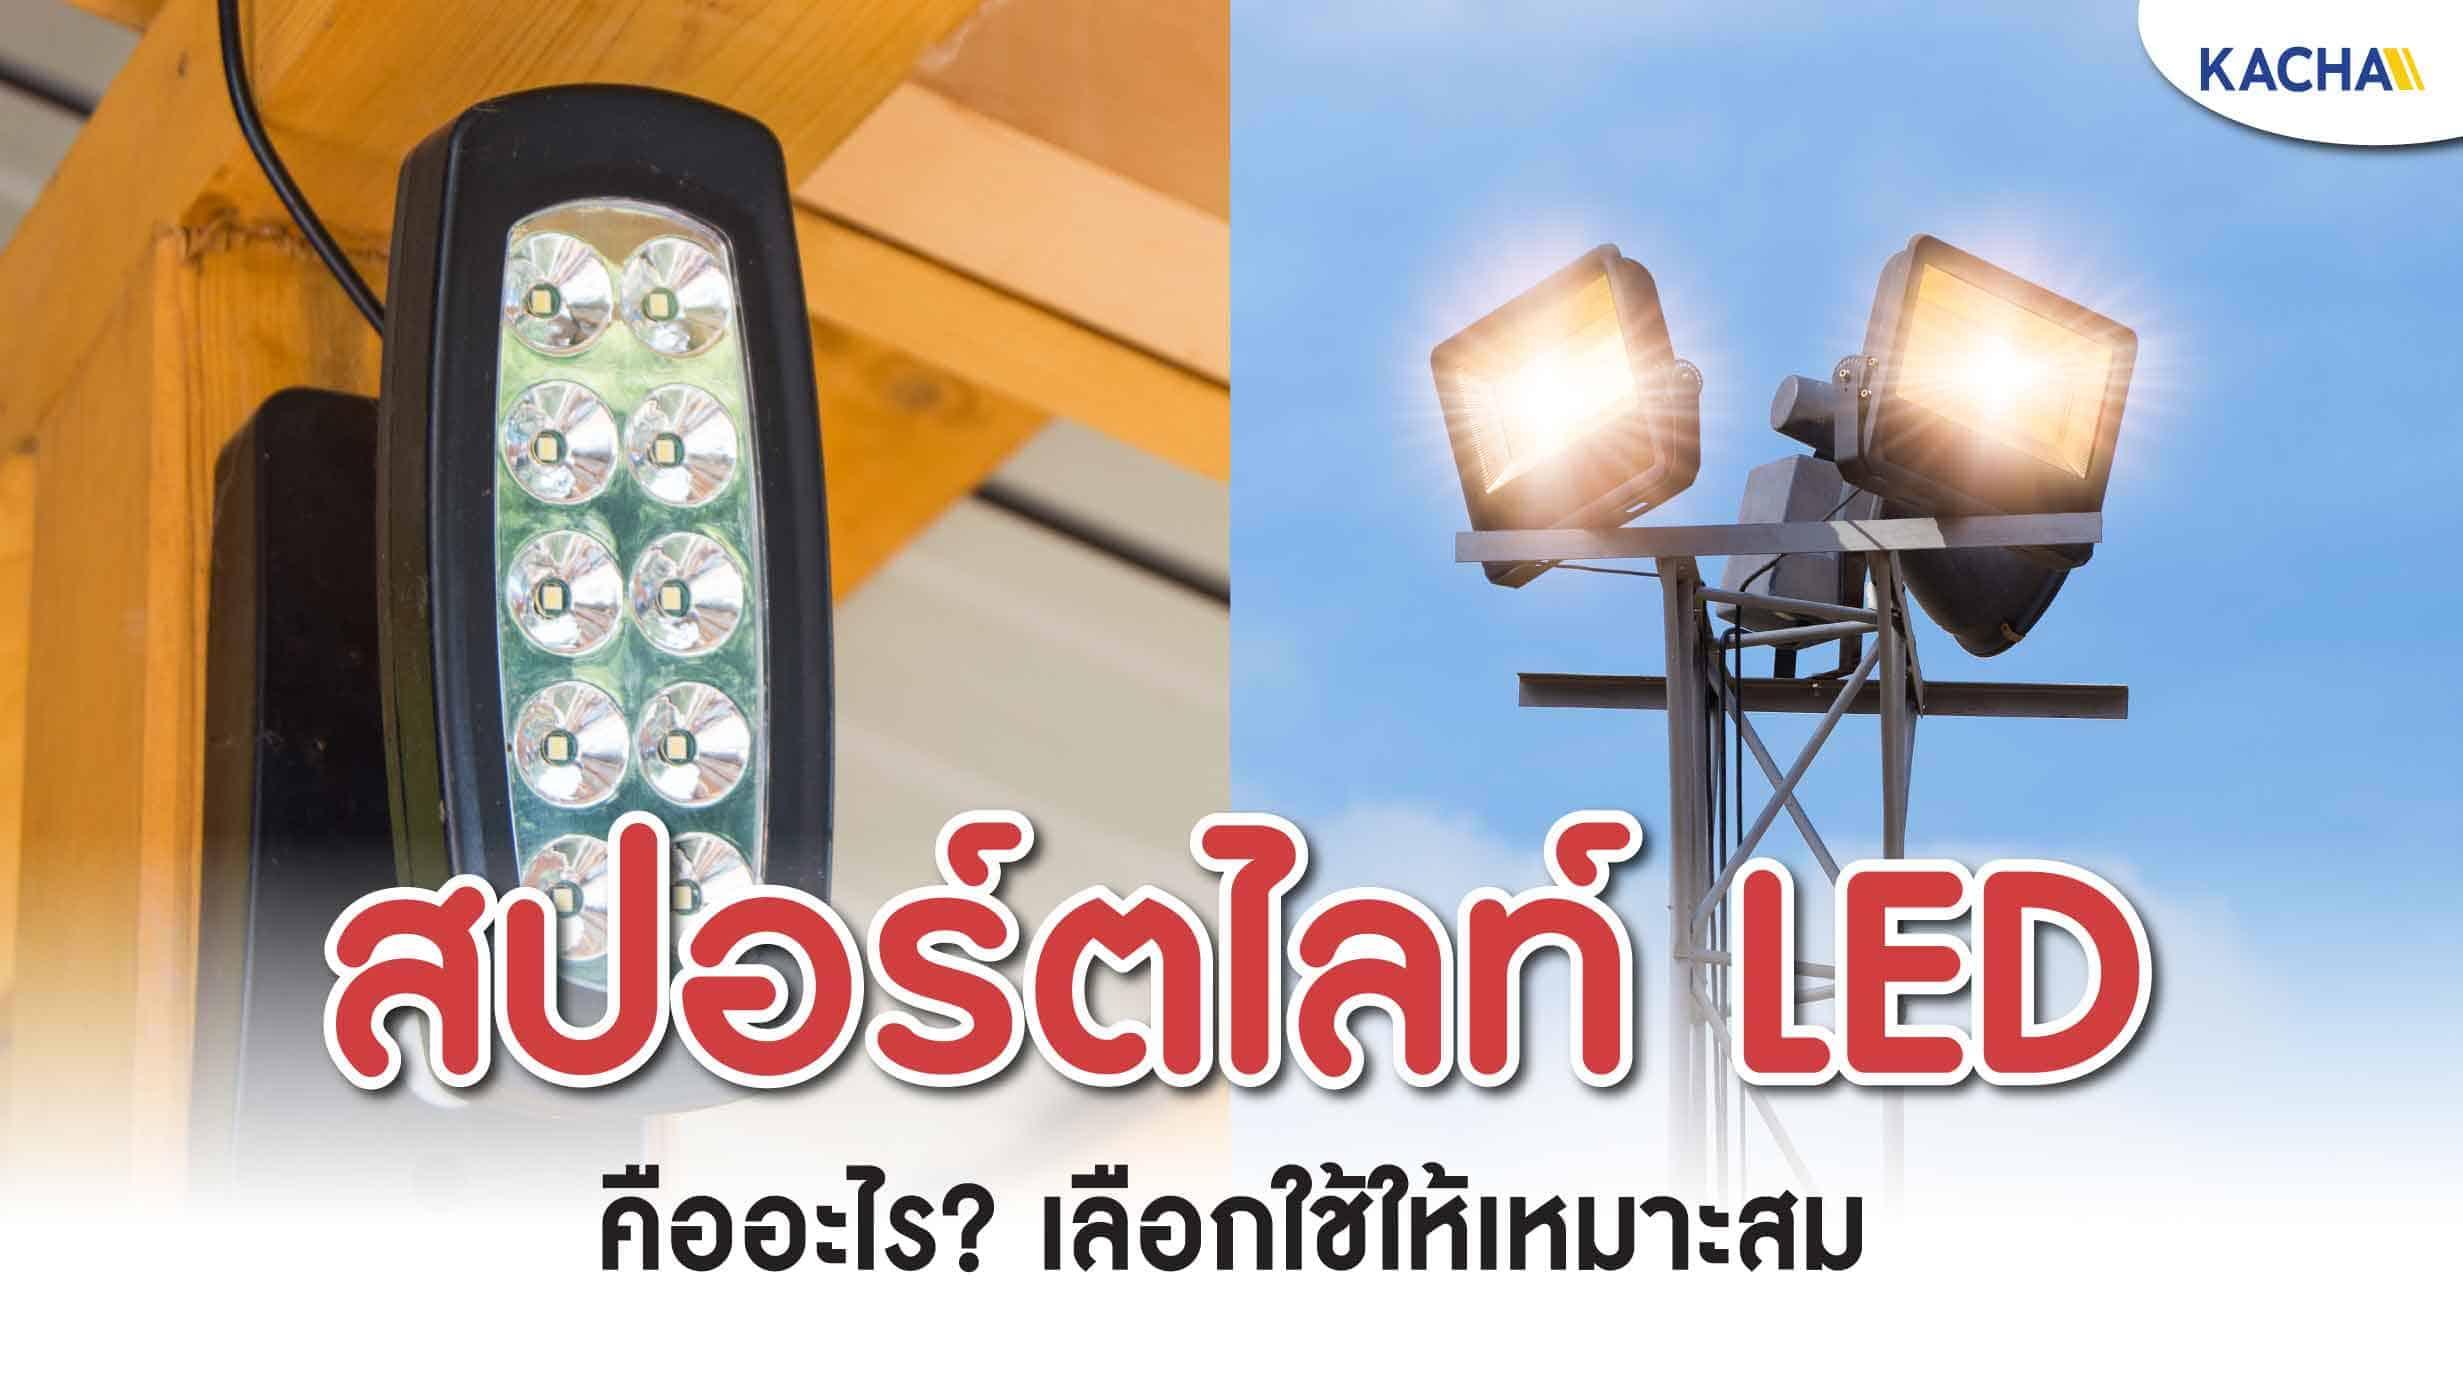 211019-Content-สปอร์ตไลท์-LED-คืออะไร--เลือกใช้งานอย่างไรดี-01